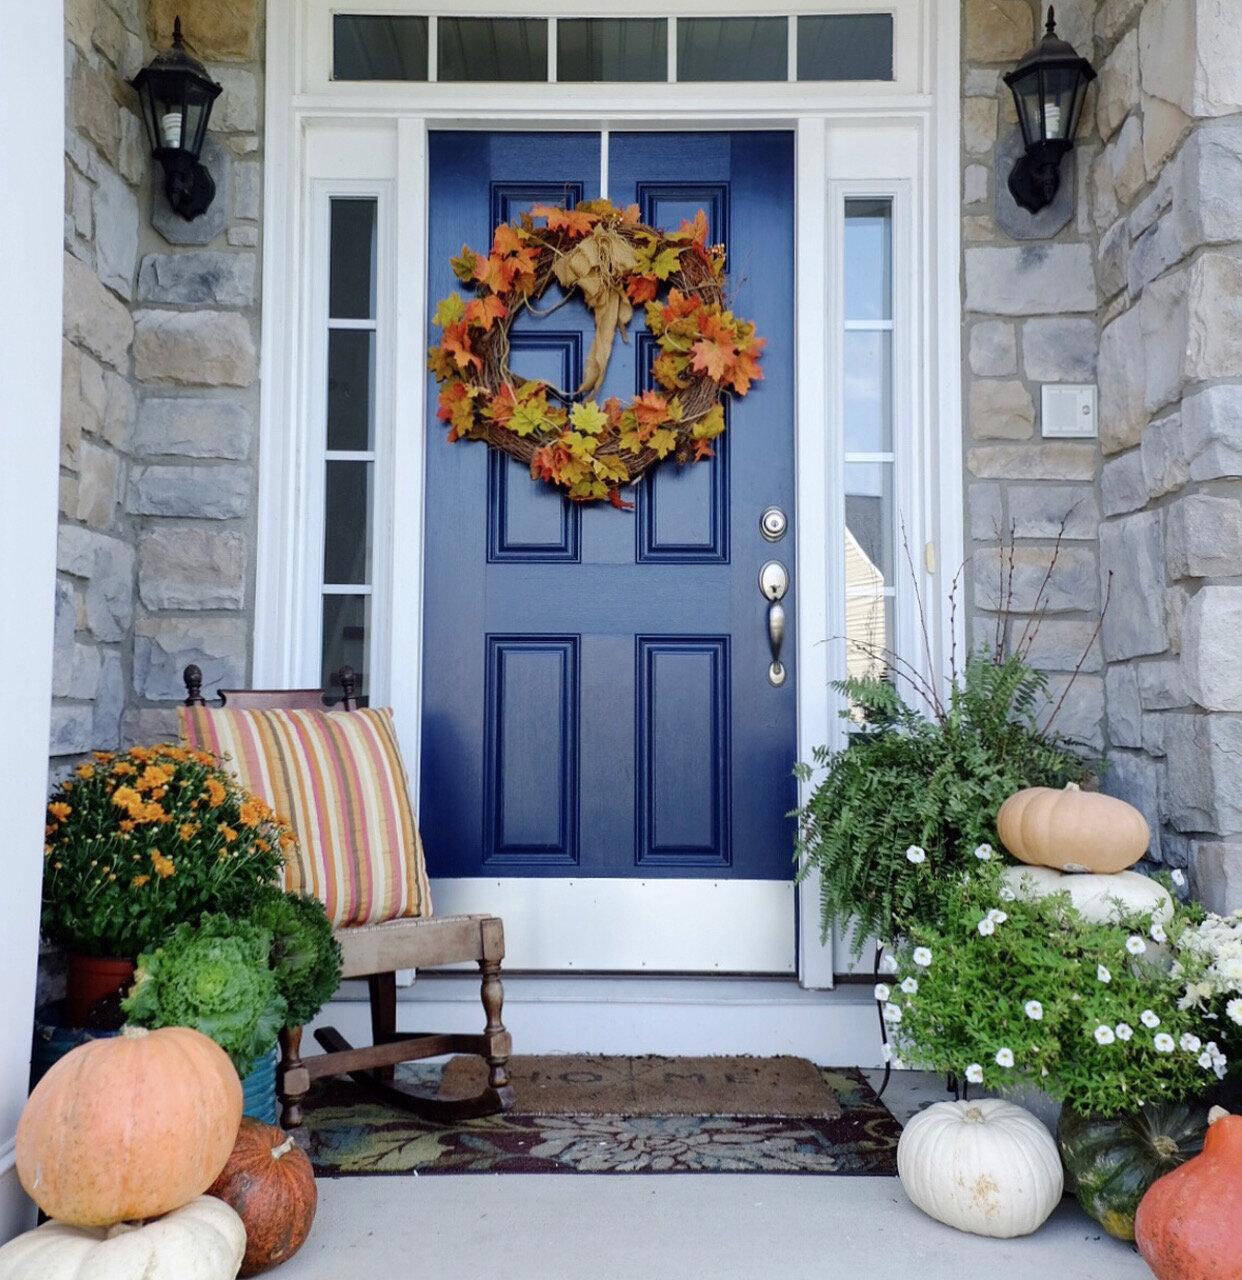 Our front porch…. cottagestyleblog.com